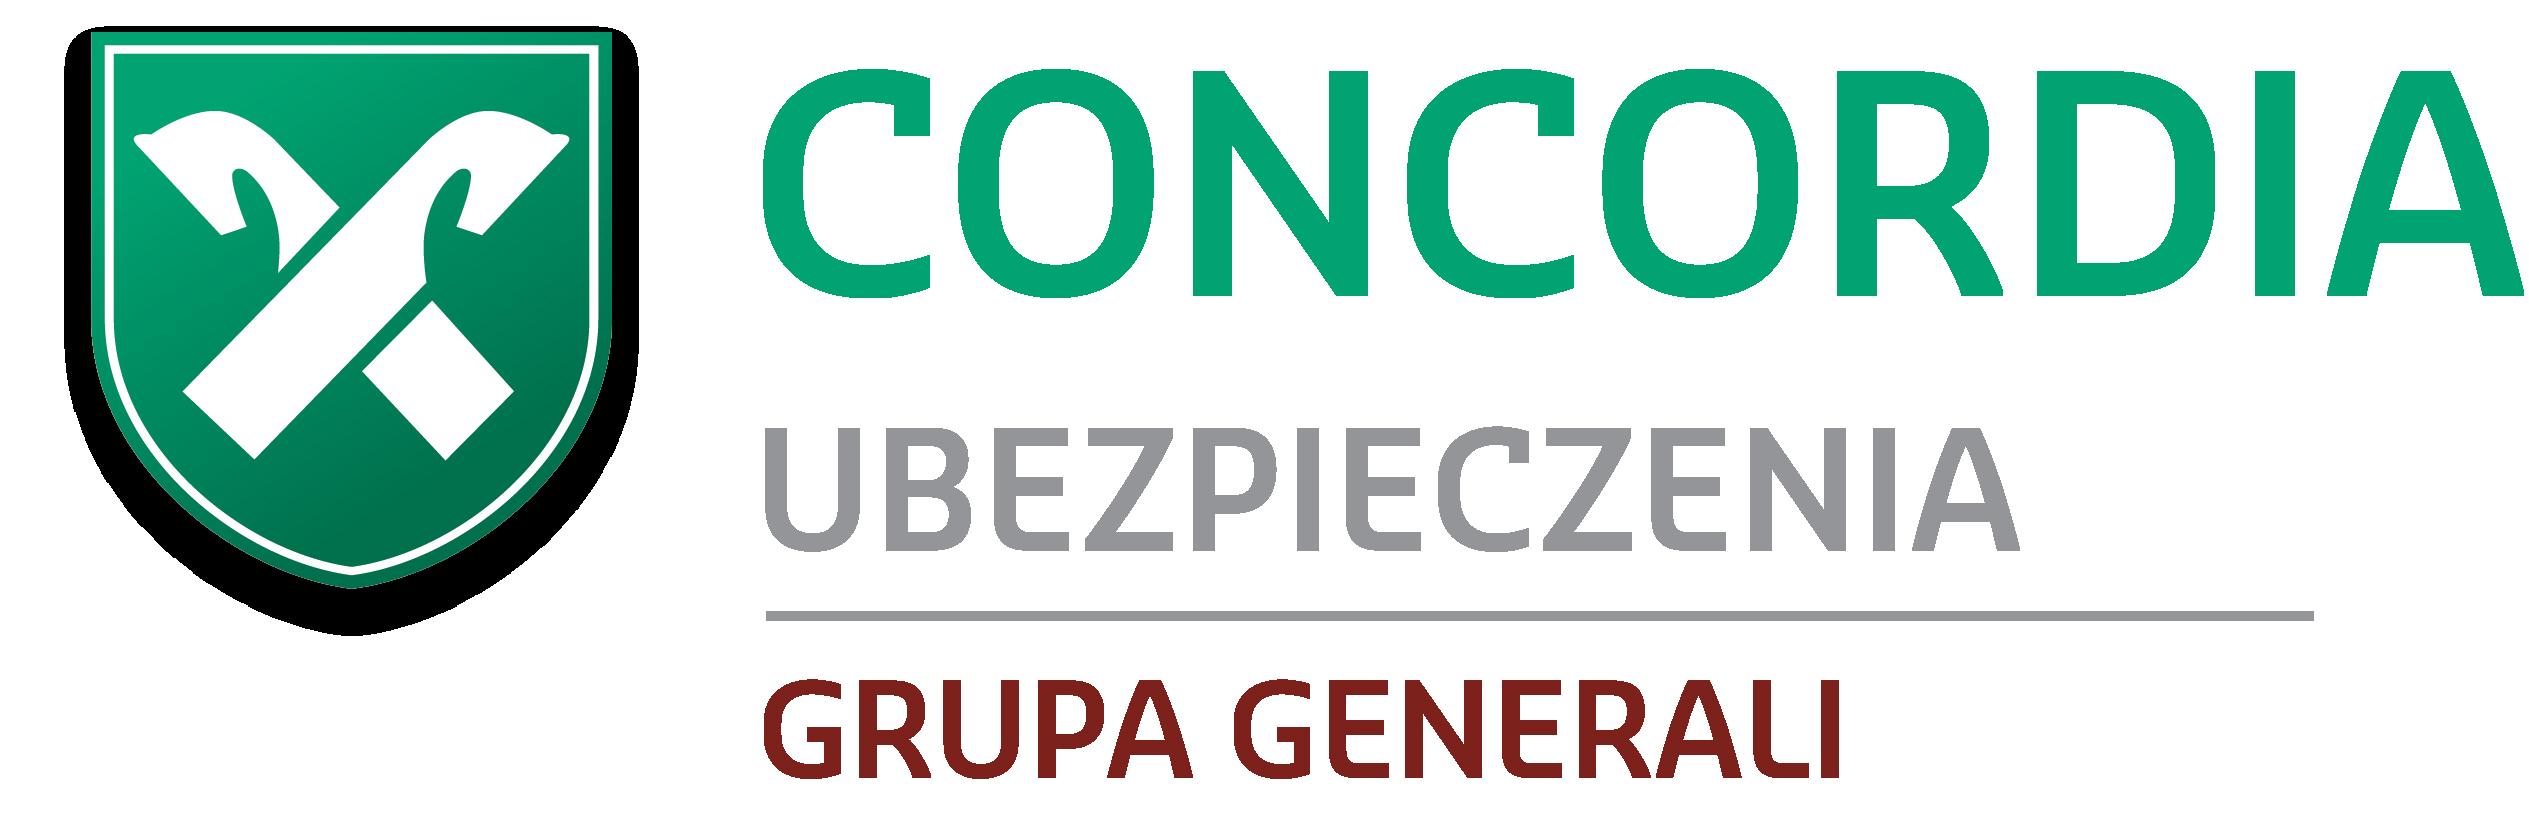 Concordia Polska spółką akcyjną